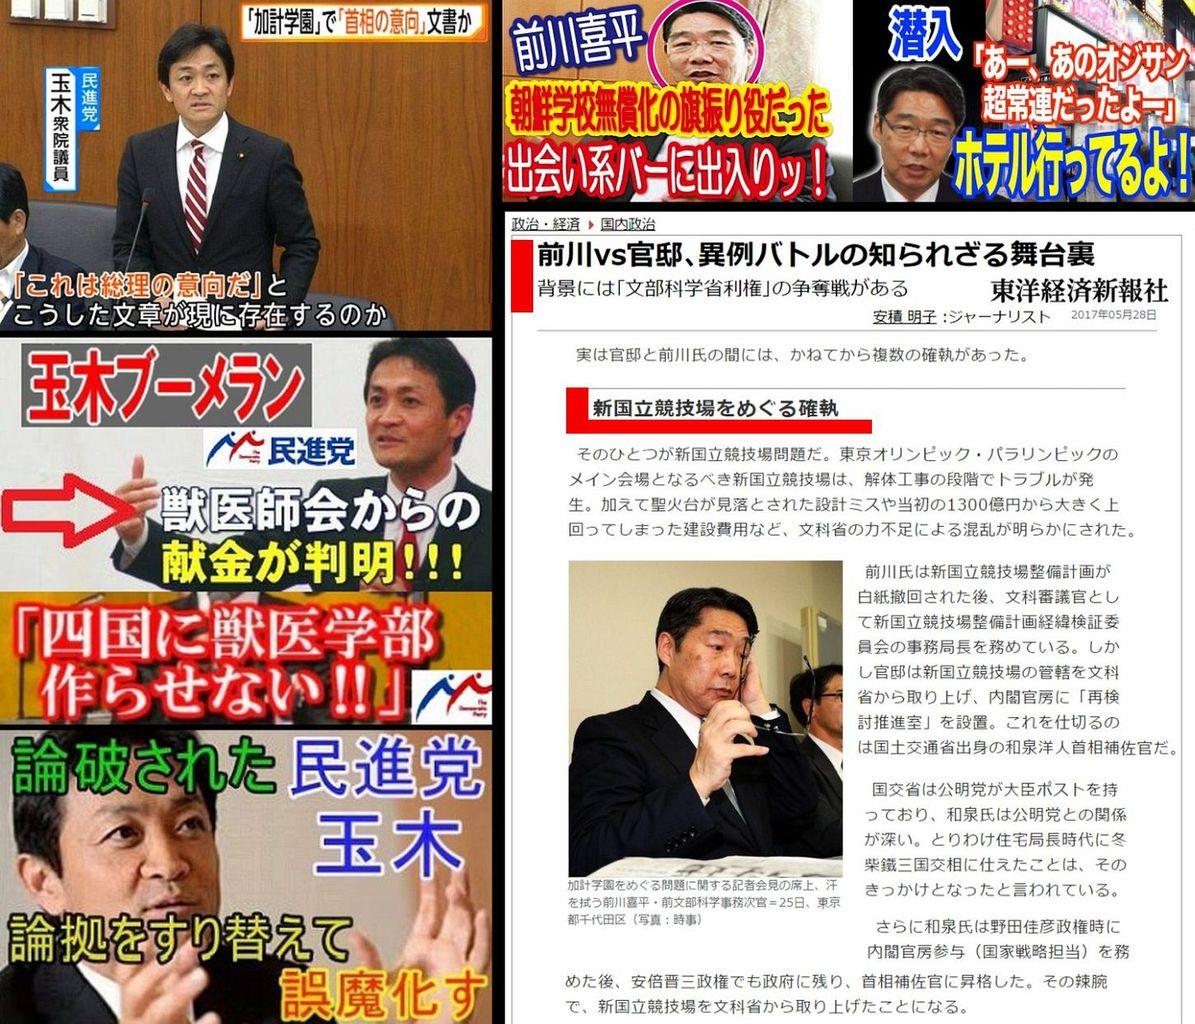 国会議員「東京オリンピックが中止になる設定などけしからん」映画「麻雀放浪記2020」公開中止か  [377482965]->画像>11枚